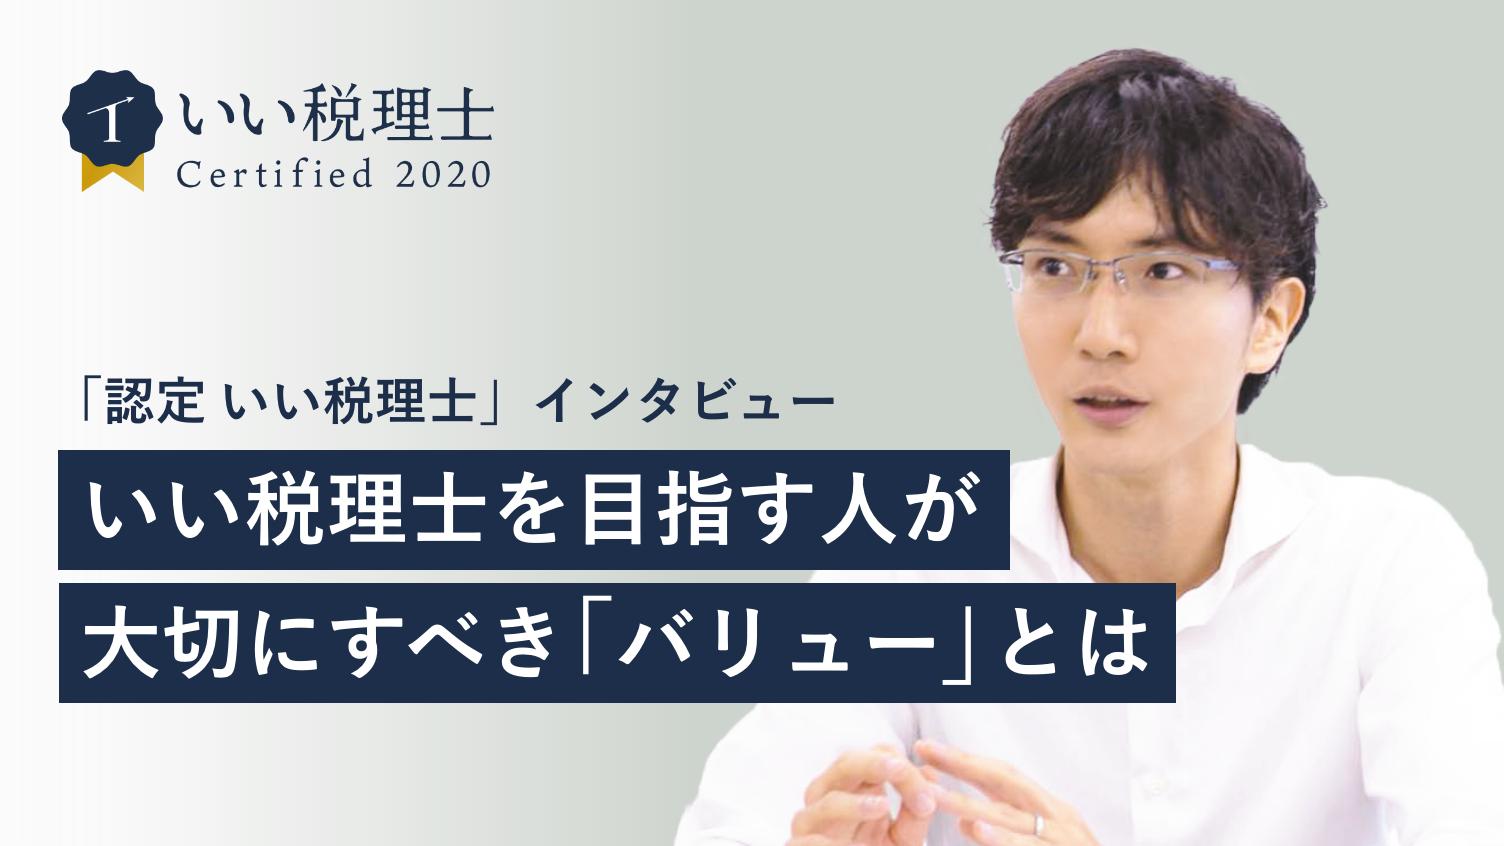 松尾さん記事アイキャッチ